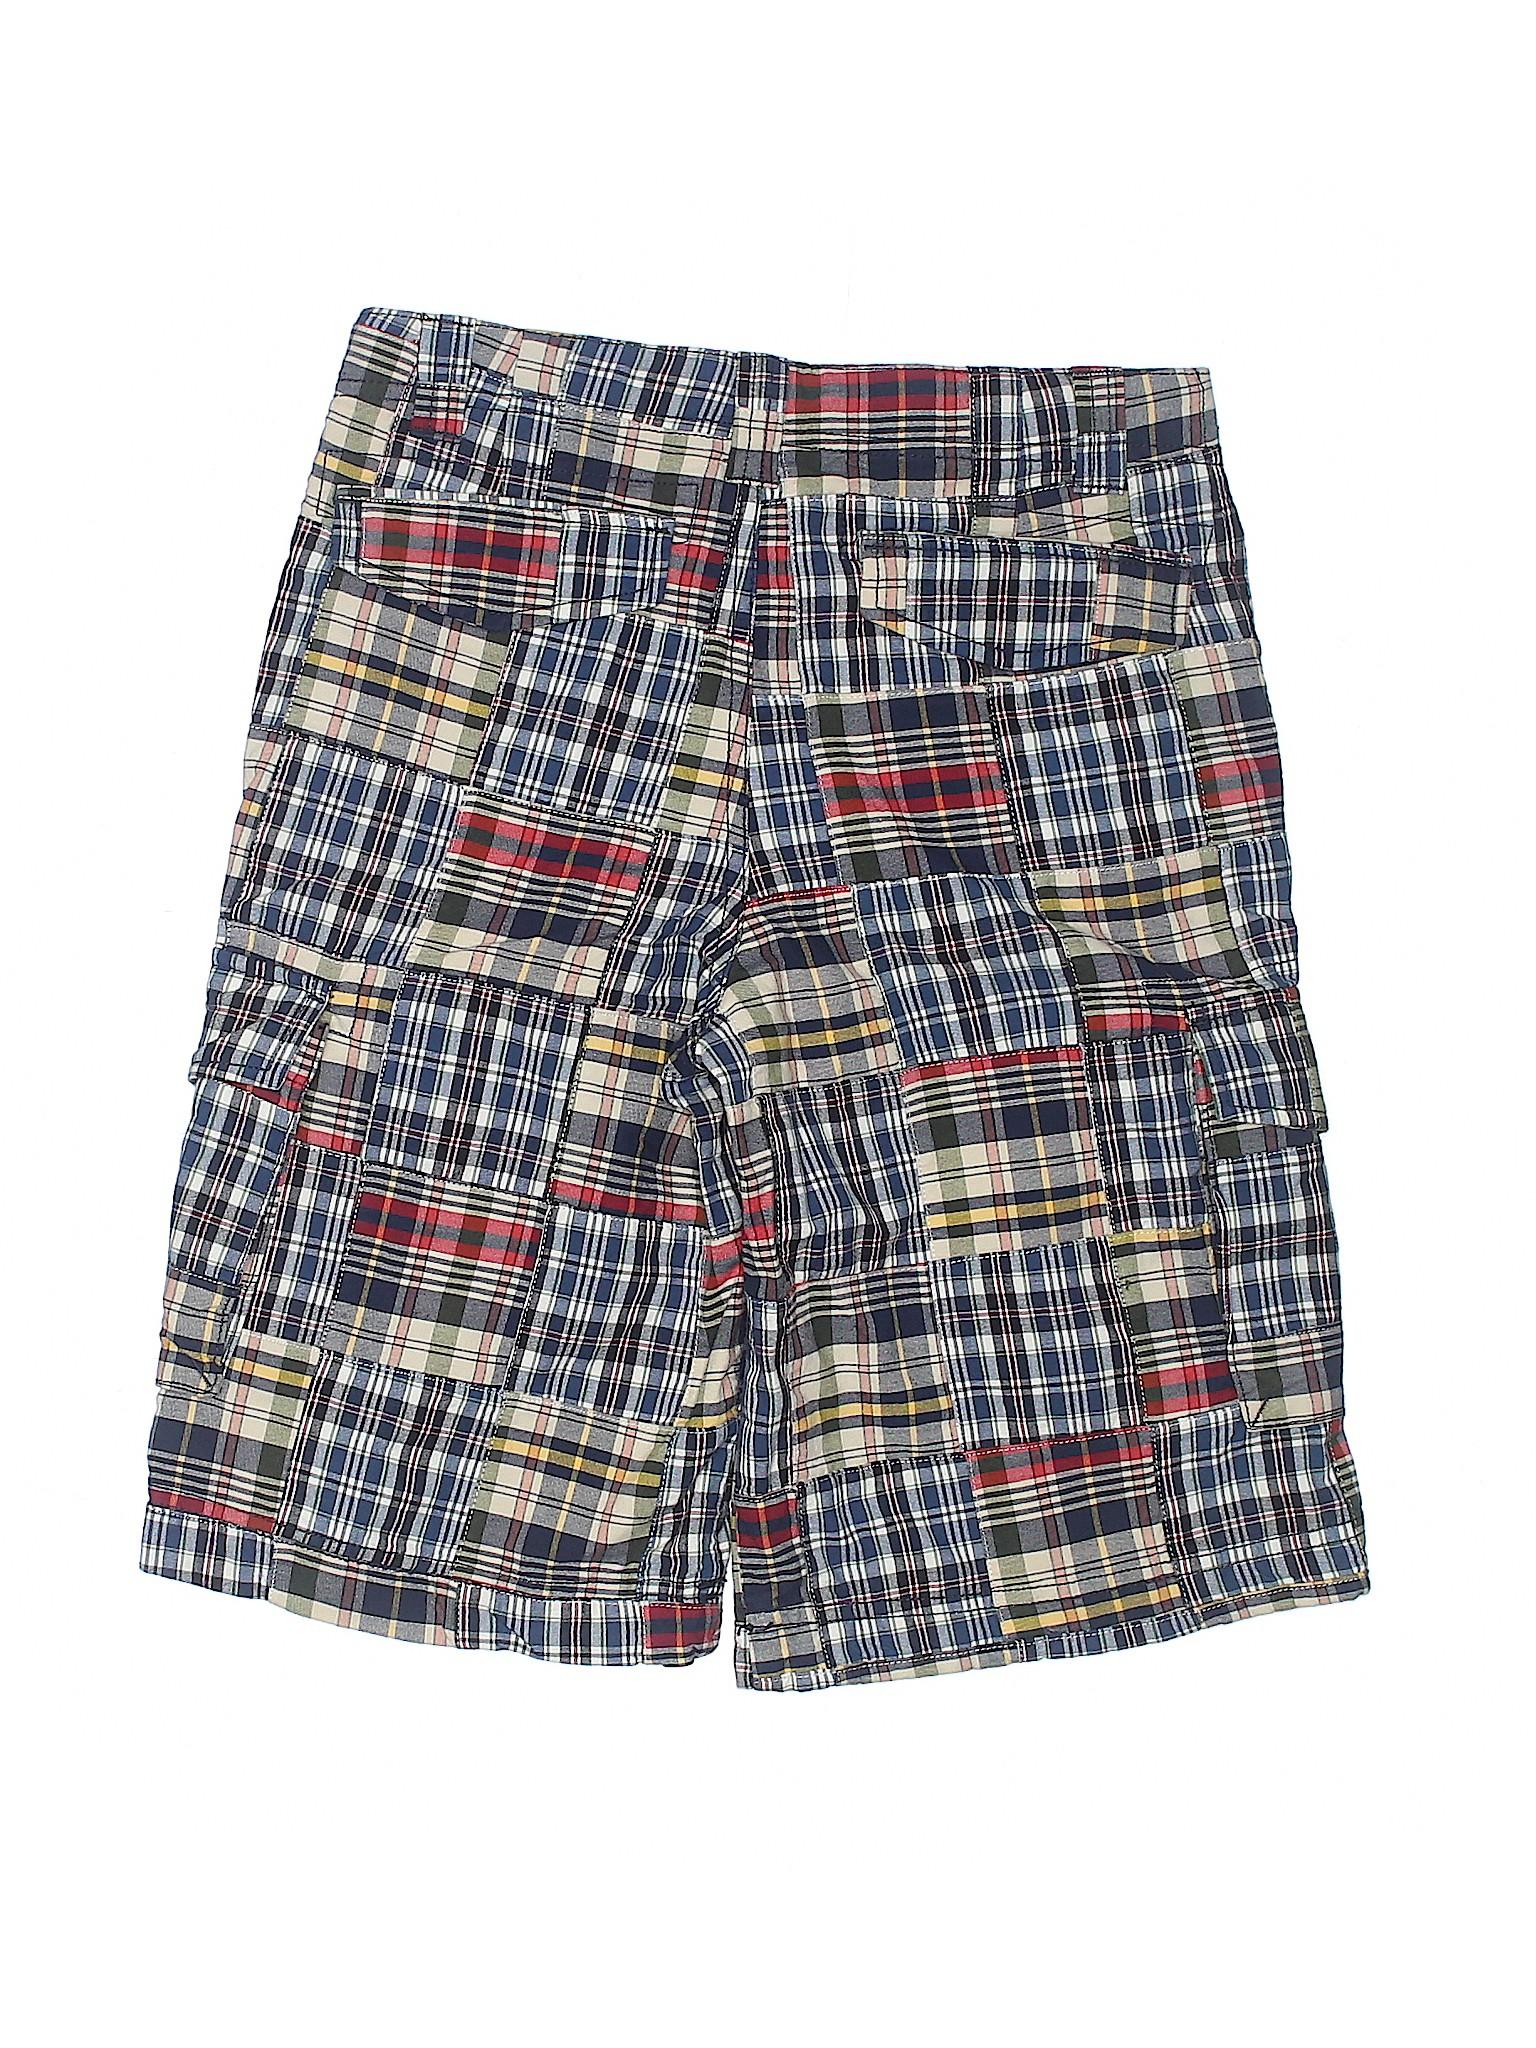 2a41a5997cb9 Cargo Shorts